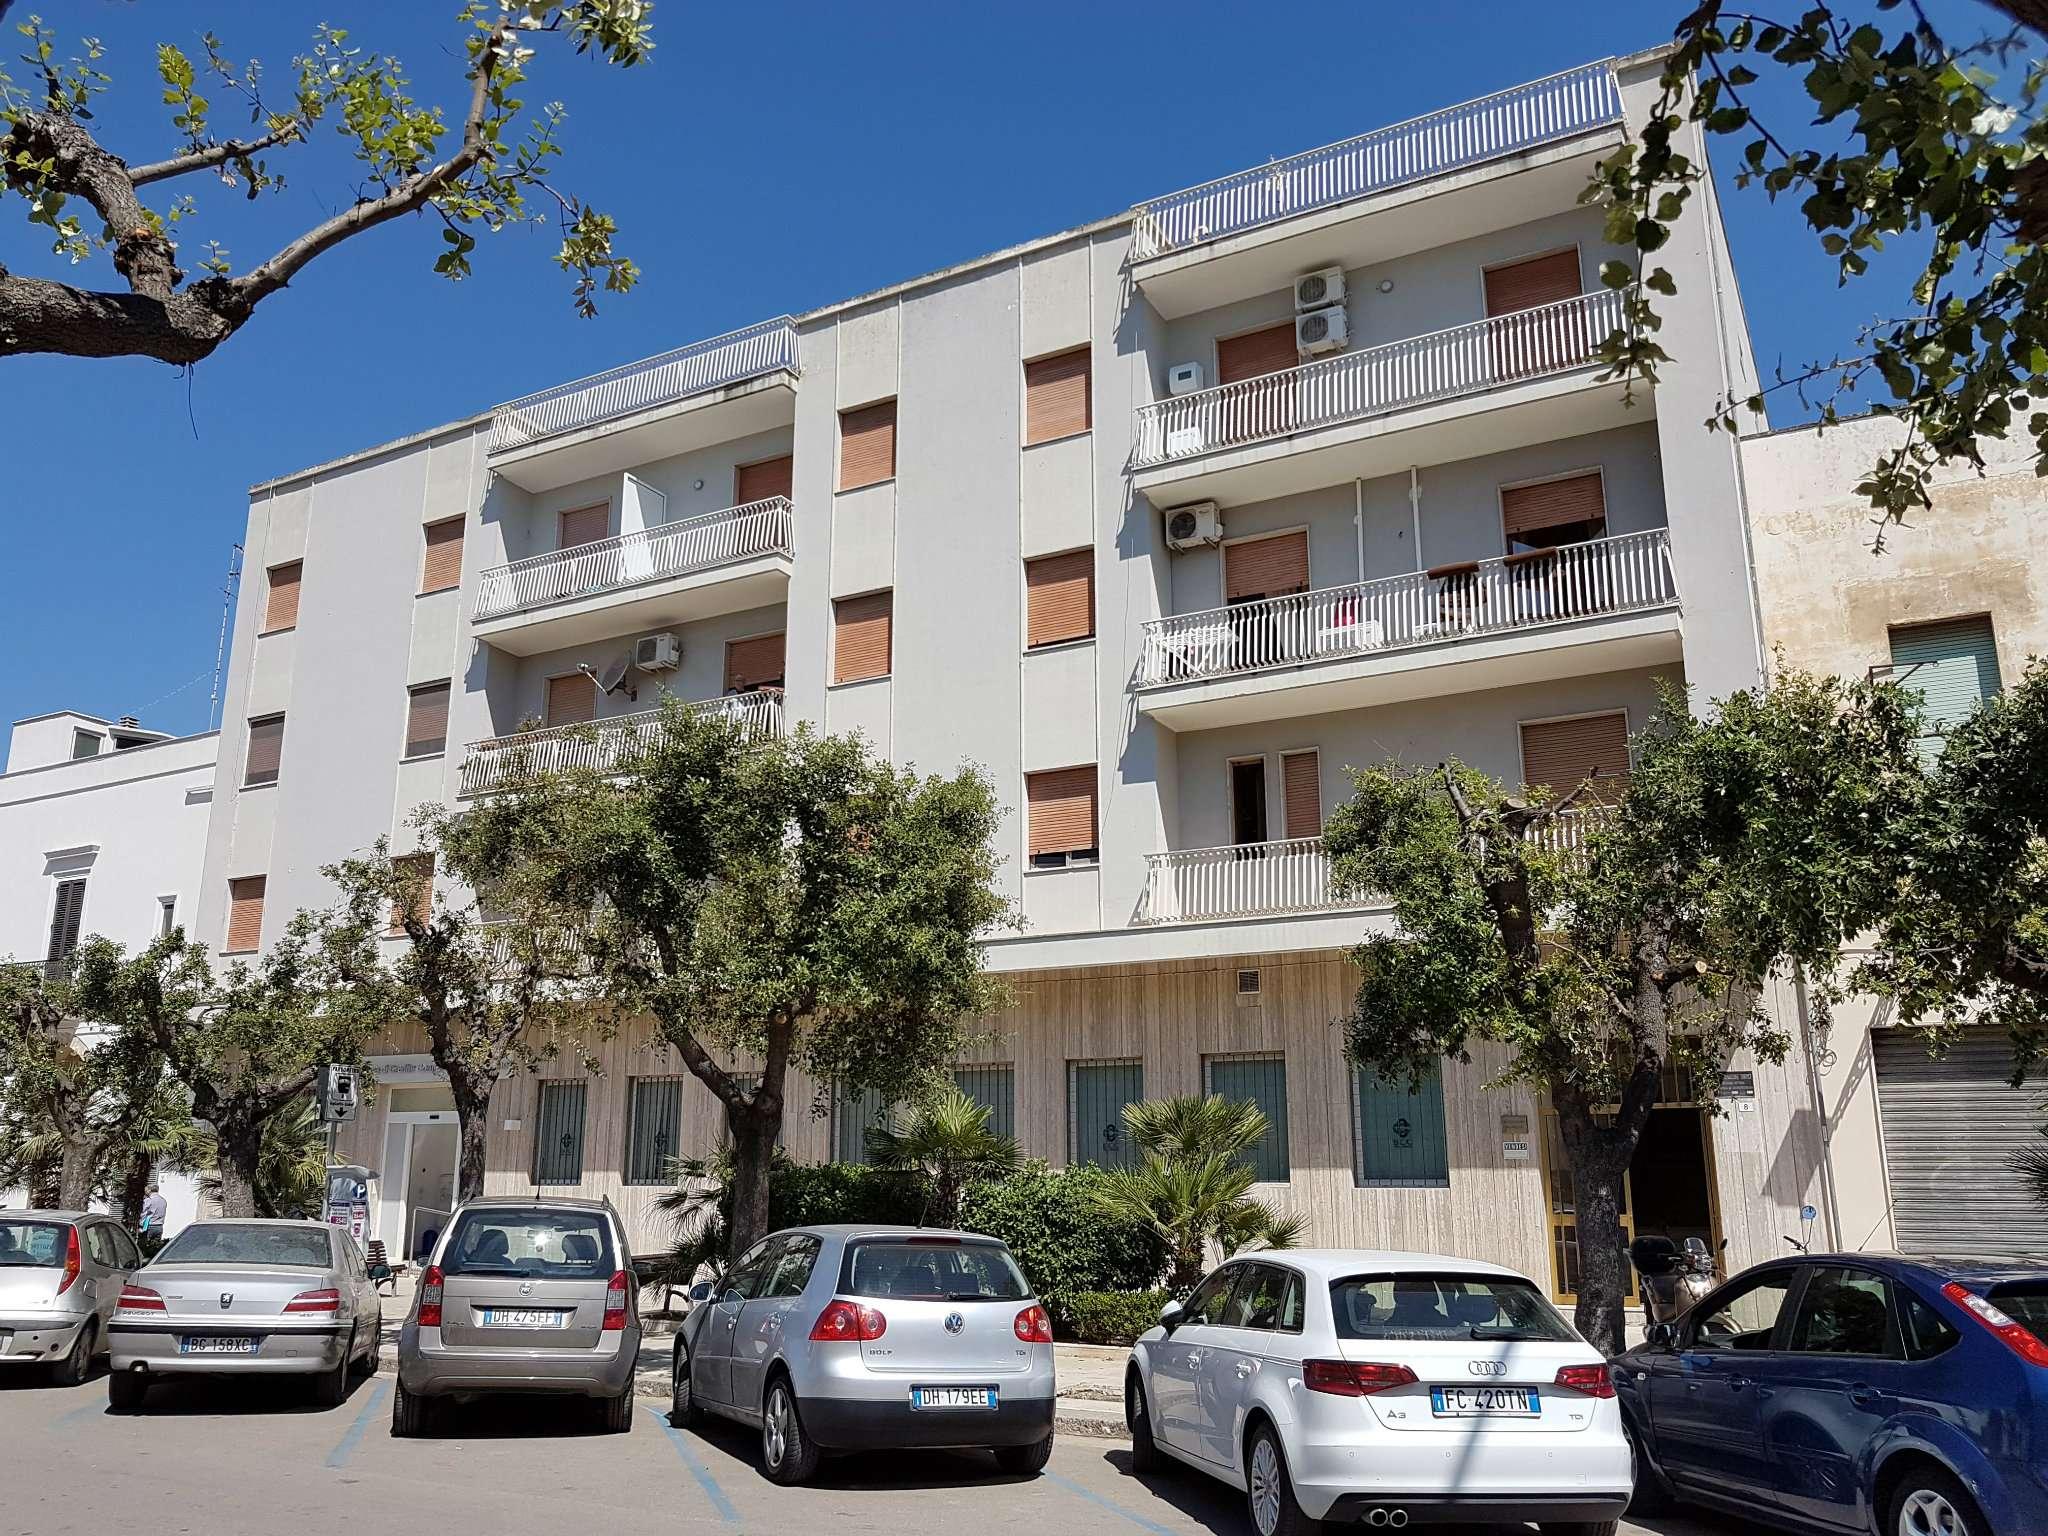 Appartamento in vendita a Copertino, 2 locali, prezzo € 28.000 | Cambio Casa.it